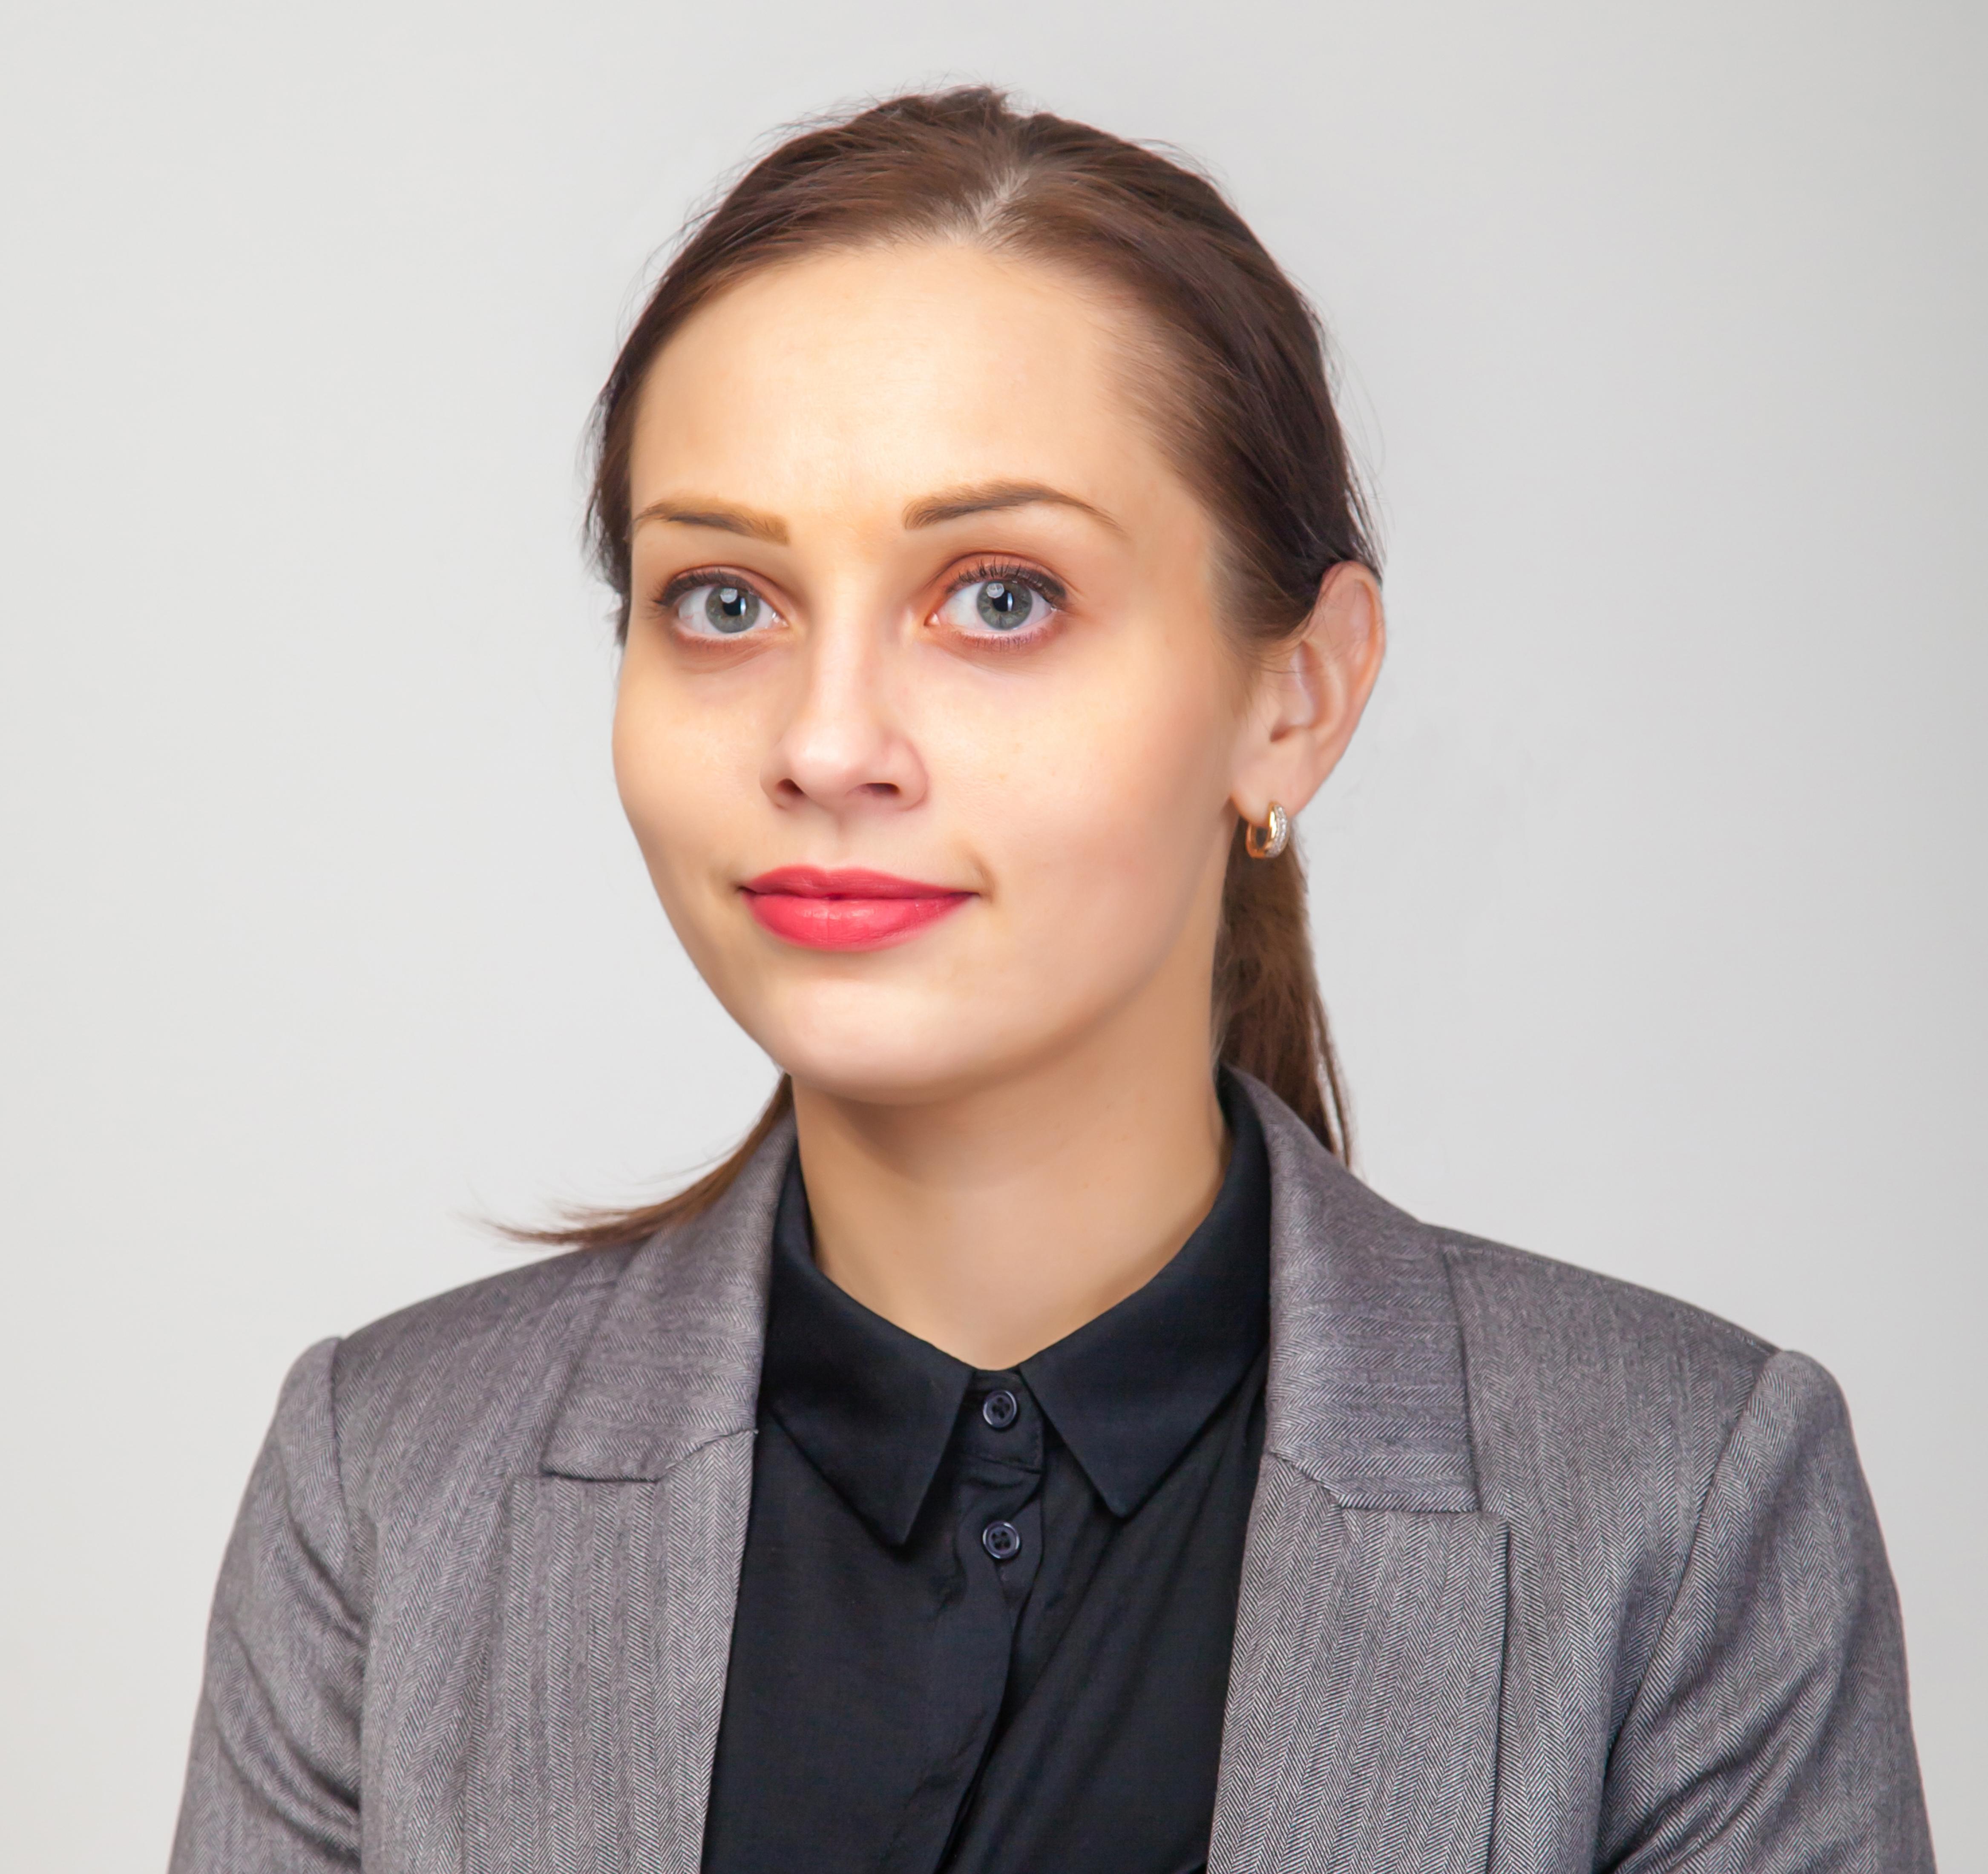 Роман Голованов: «Главное – повышение инвестиционного капитала Петербурга»